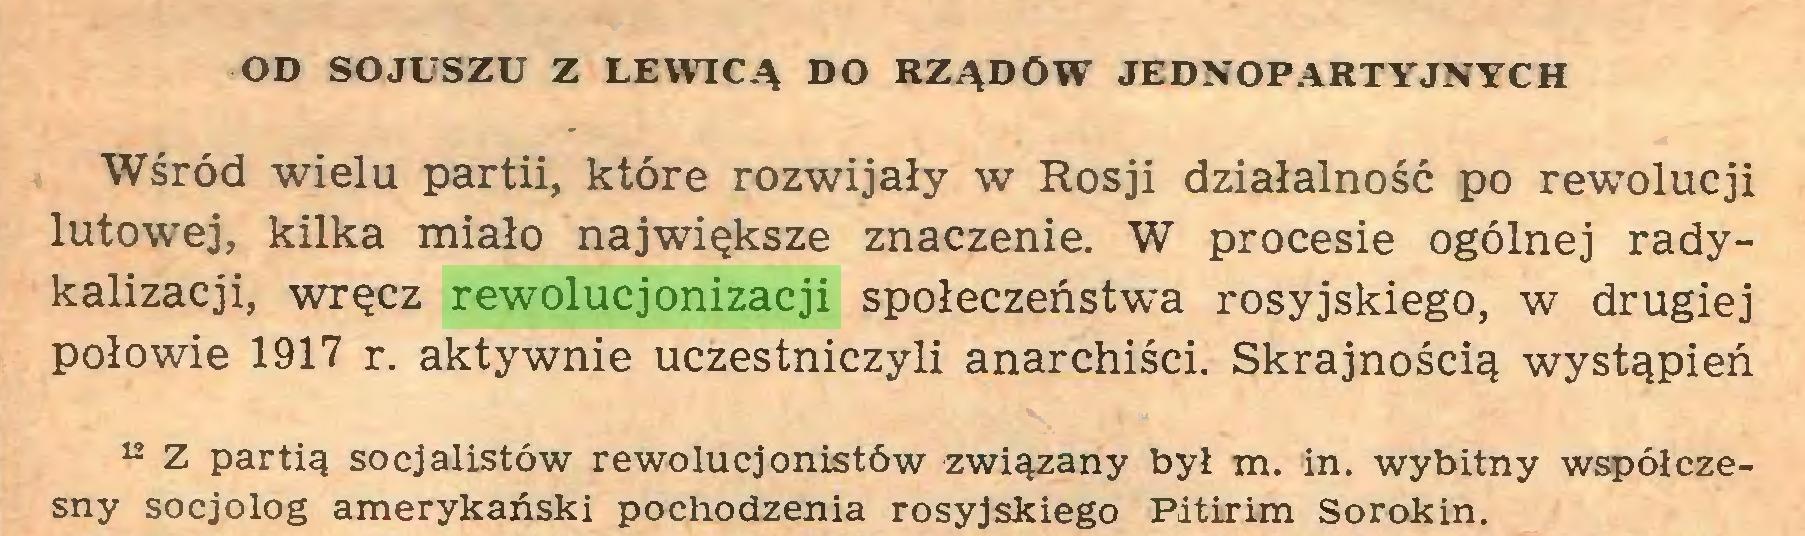 (...) OD SOJUSZU Z LEWICĄ DO RZĄDÓW JEDNOPARTYJNYCH Wśród wielu partii, które rozwijały w Rosji działalność po rewolucji lutowej, kilka miało największe znaczenie. W procesie ogólnej radykalizacji, wręcz rewolucjonizacji społeczeństwa rosyjskiego, w drugiej połowie 1917 r. aktywnie uczestniczyli anarchiści. Skrajnością wystąpień 12 Z partią socjalistów rewolucjonistów związany byl m. in. wybitny współczesny socjolog amerykański pochodzenia rosyjskiego Pitirim Sorokin...